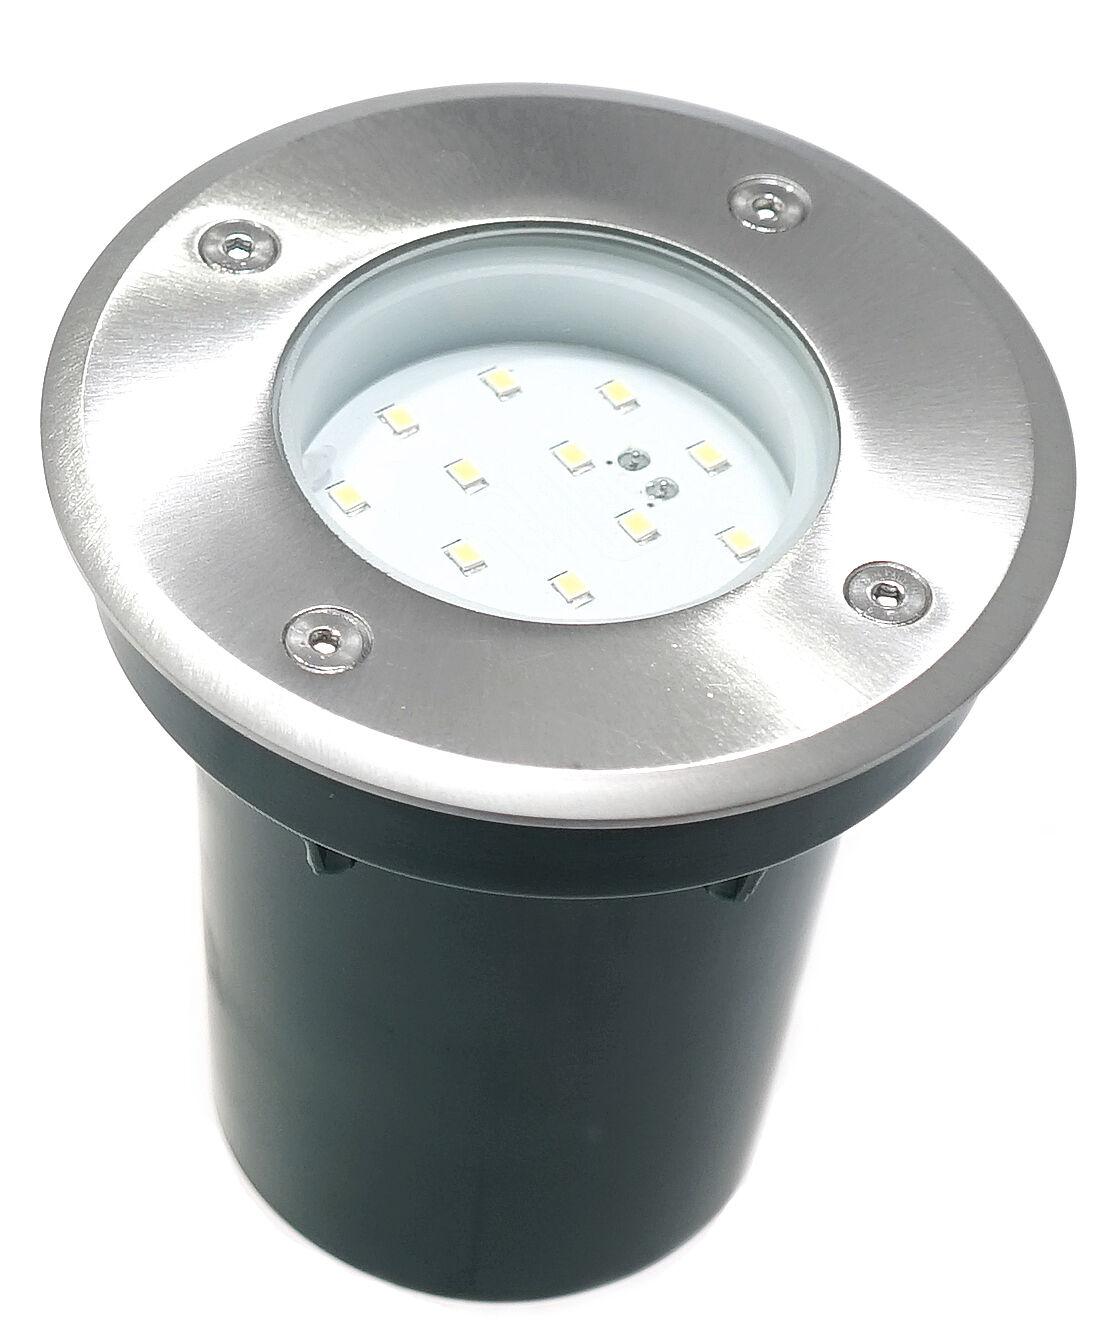 Begehbarer LED Bodeneinbaustrahler Gordo Aussenbereich 105 mm, IP67     | Angenehmes Gefühl  | Neue Produkte im Jahr 2019  | Outlet Online